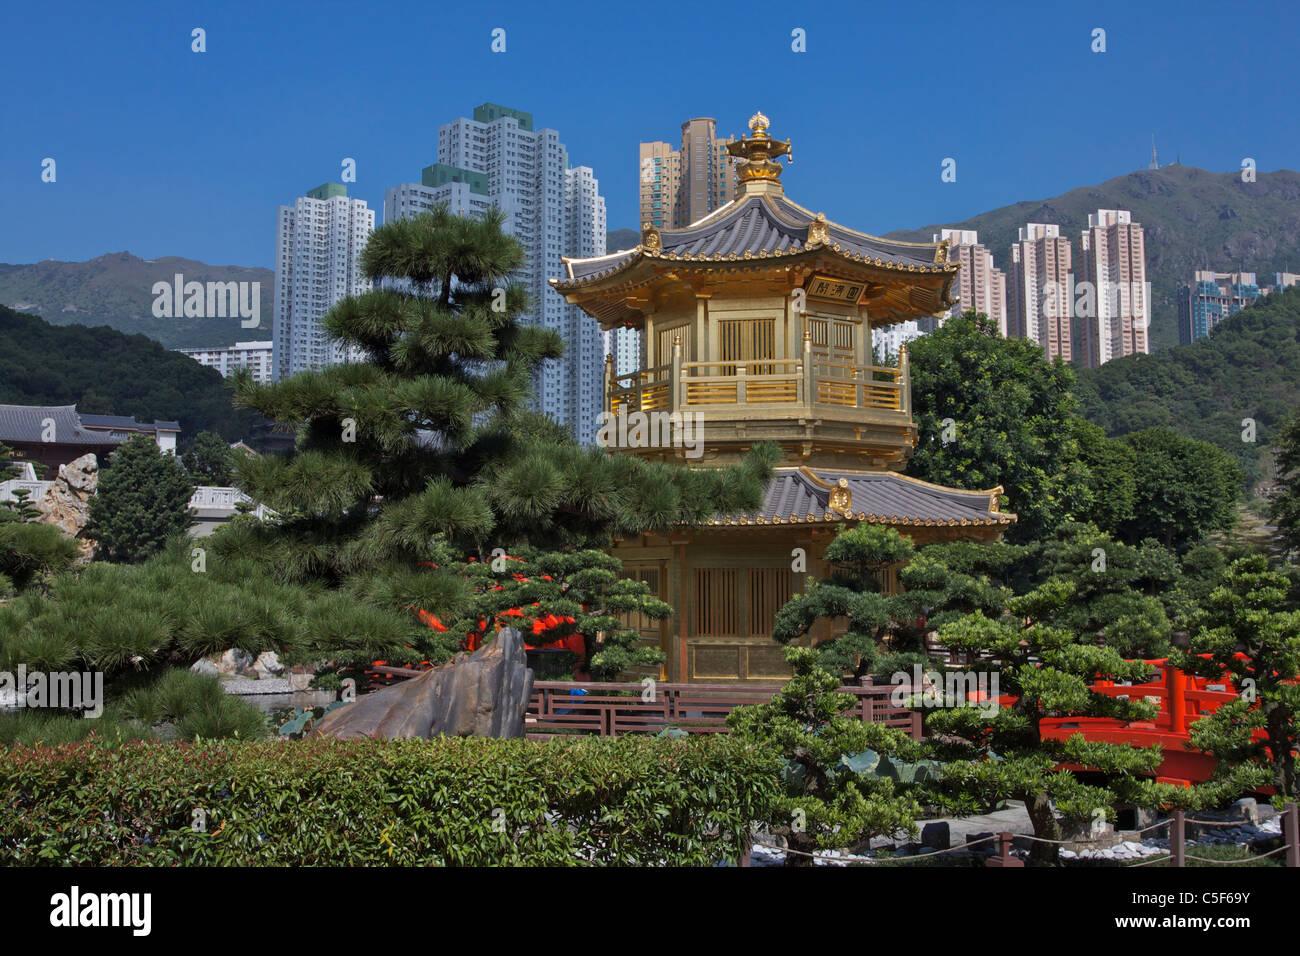 Perfección Pavilion en jardines Nan Lian, Diamond Hill, Hong Kong Imagen De Stock